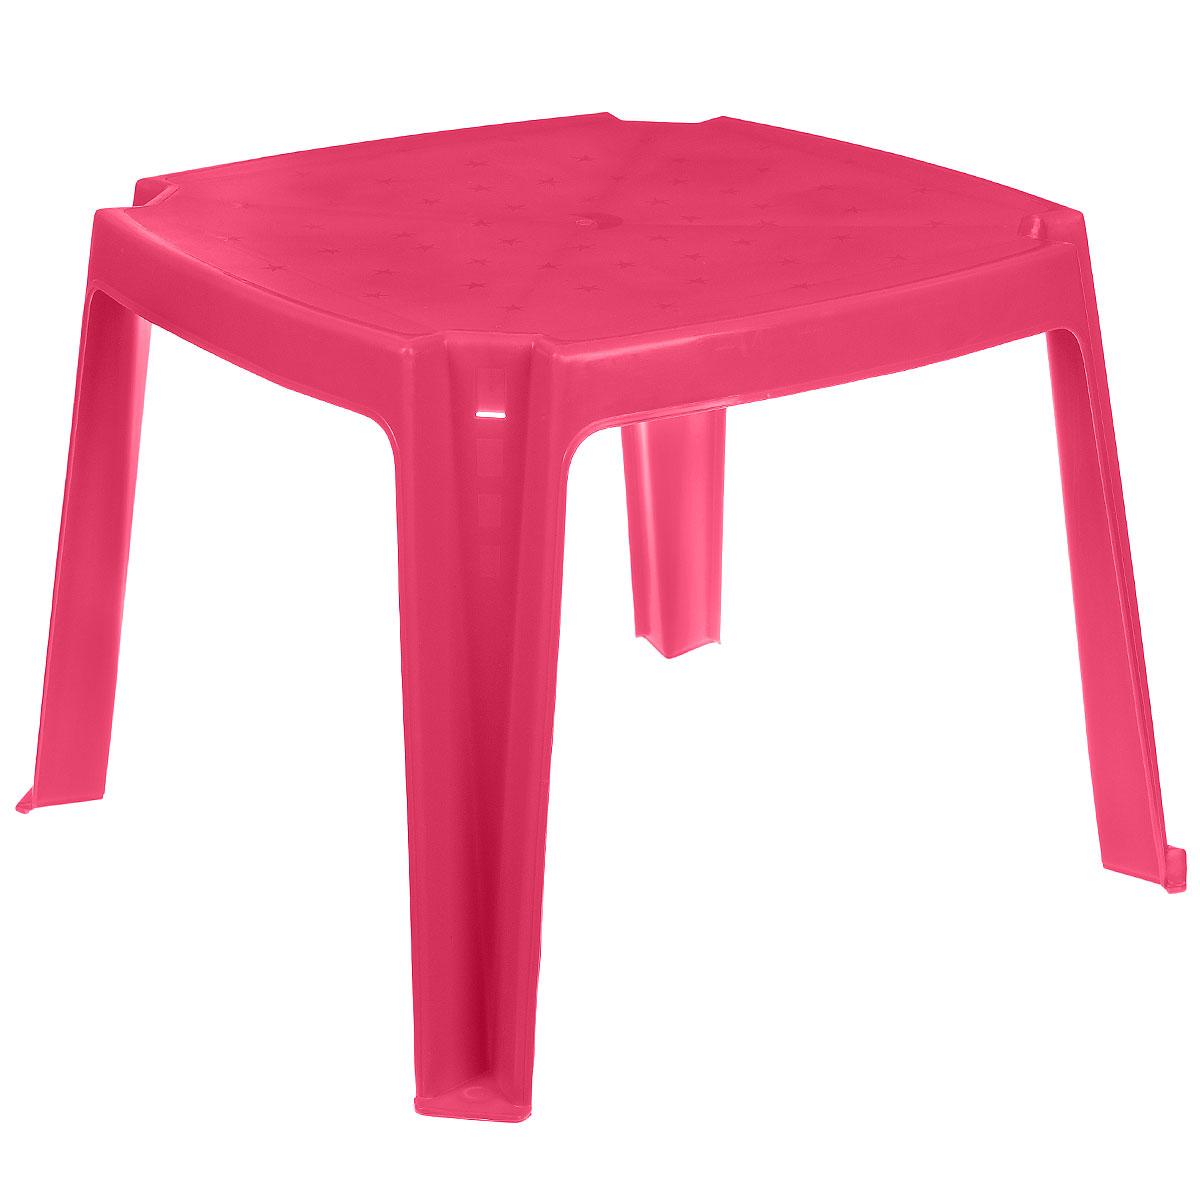 Стол детский PalPlay, с карманами, цвет: розовый, 53 см х 53 см364_розовыйУдобный детский столик PalPlay необходим каждому ребенку. За столиком ребенок может играть, заниматьсятворчеством. Изделие, изготовленное из прочного, но легкого пластика, оснащено удобными кармашками дляхранения различных предметов.Теперь умалыша будет отдельный столик, который идеально подойдет ему по размеру и он сможет приглашать начаепитие своих друзей, в том числе и плюшевых, а также заниматься творческой работой: рисовать, лепить,раскрашивать. Высота стола: 43 см.Размер столешницы: 53 см х 53 см.